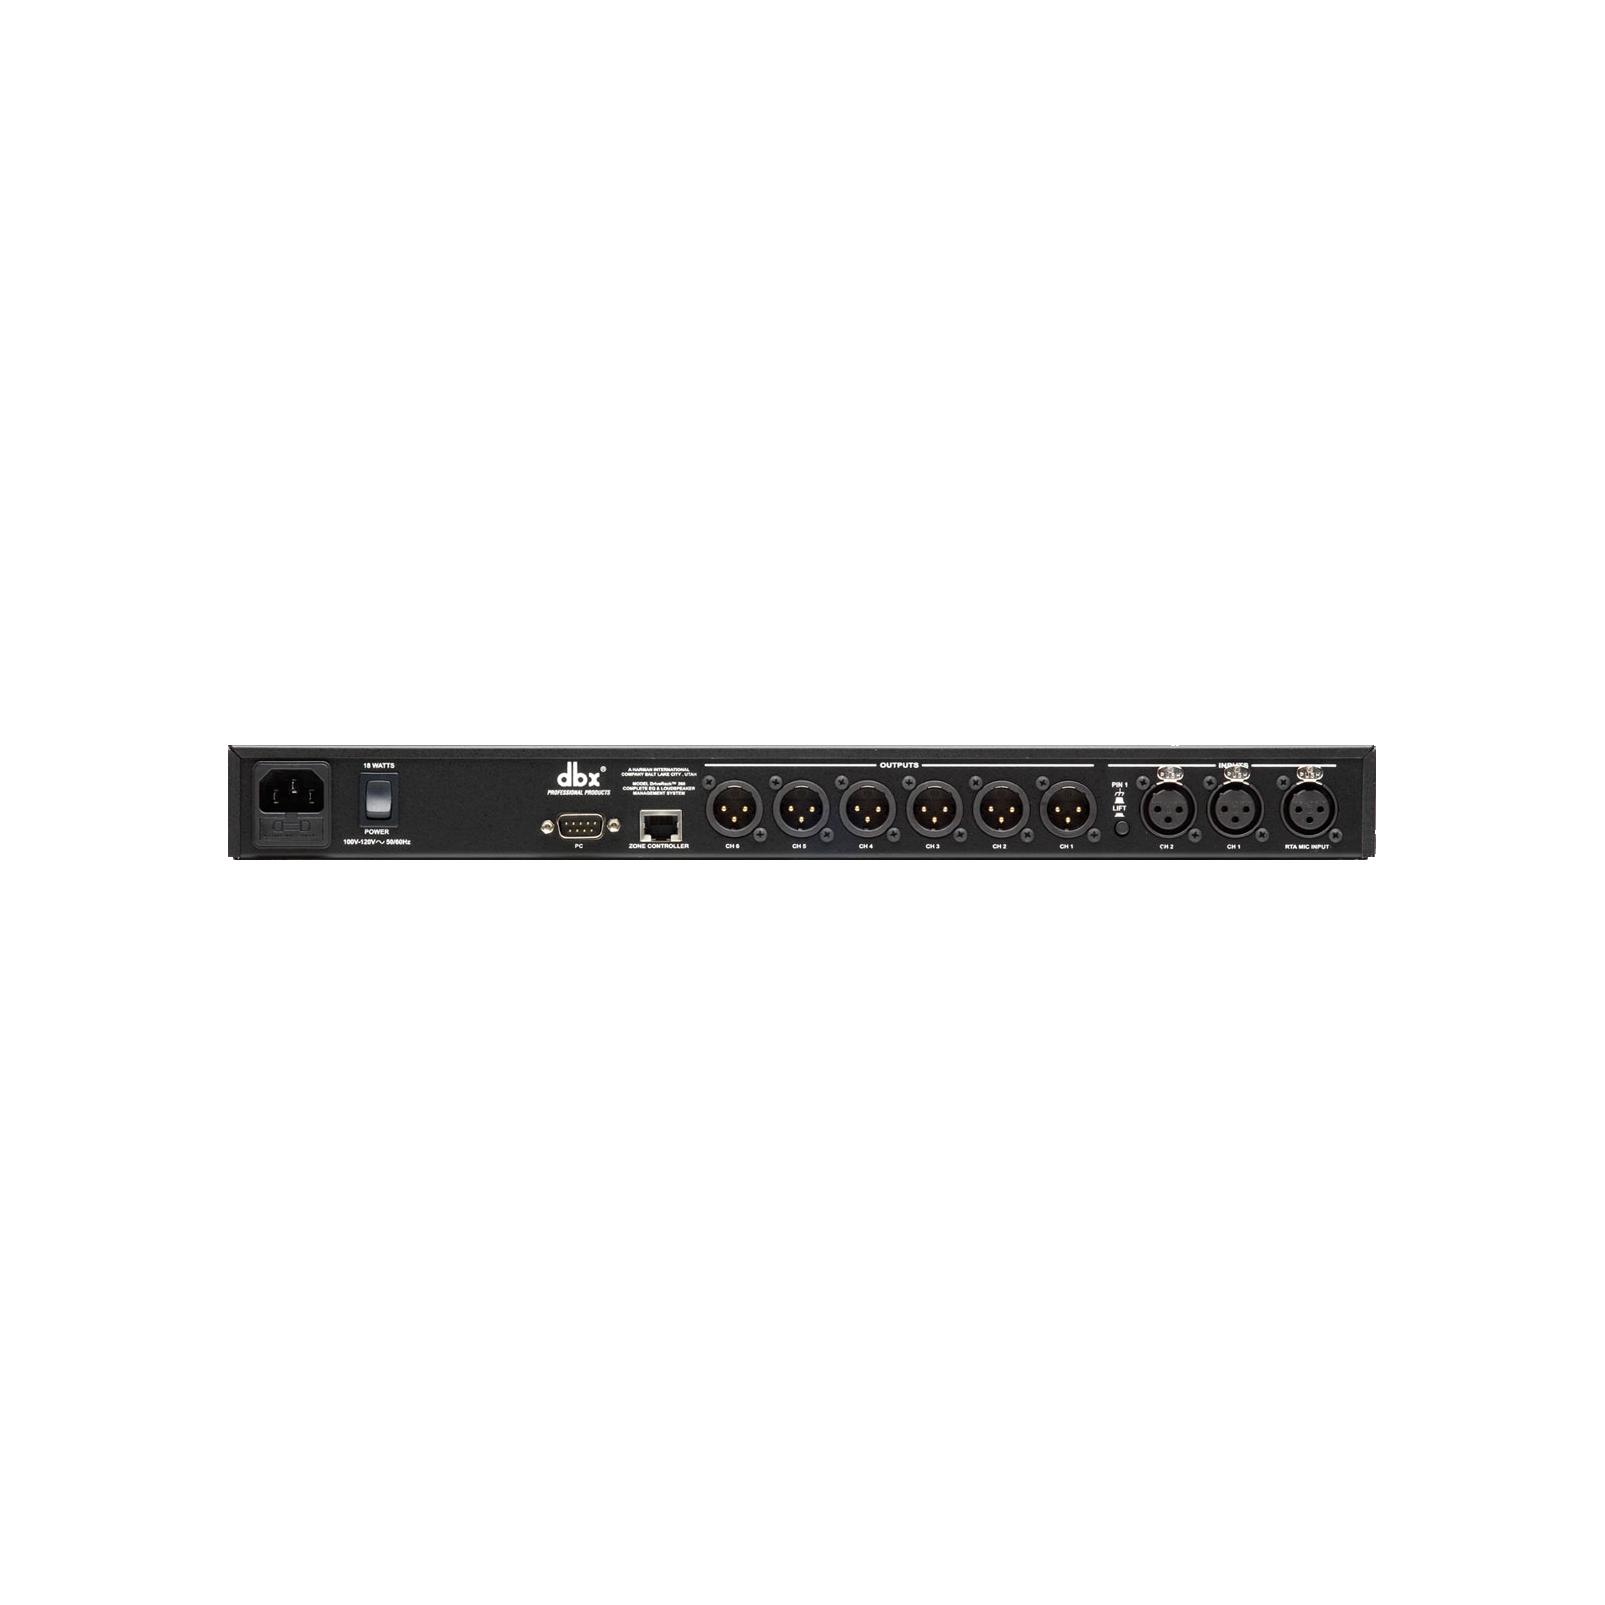 DriveRack 260 - Black - Loudspeaker management system - Back